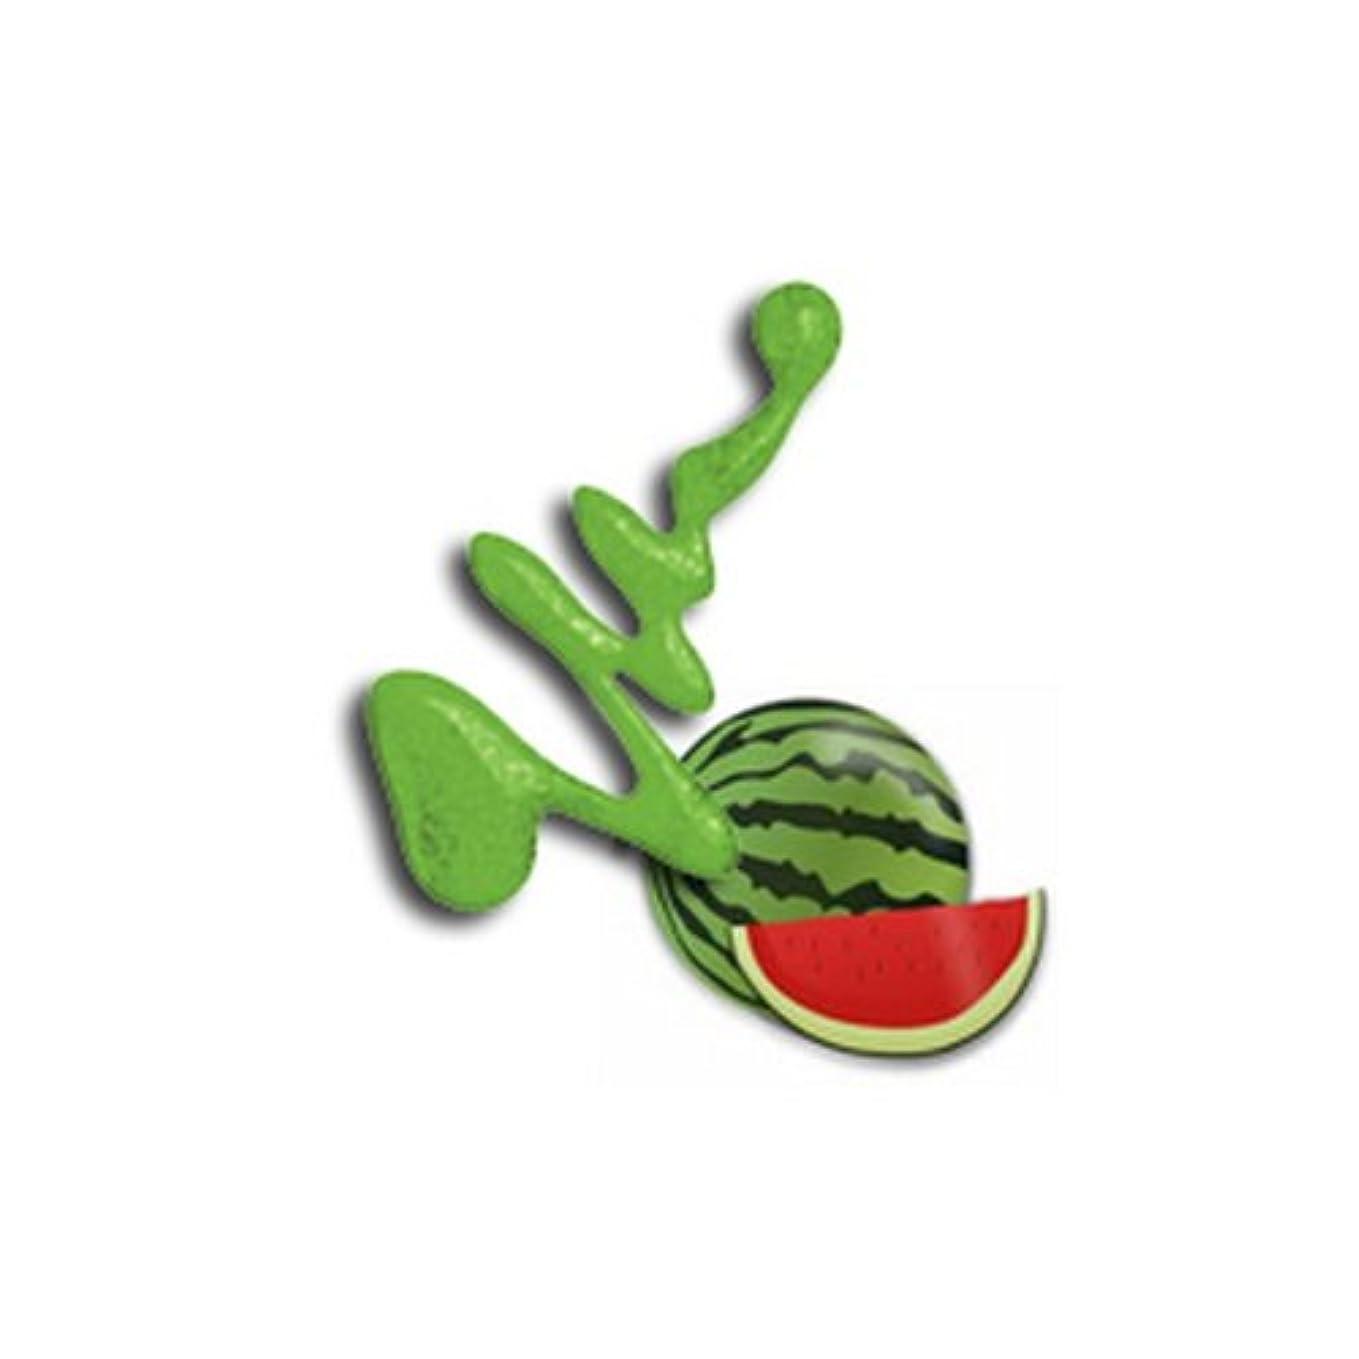 シード却下する主張する(6 Pack) LA GIRL Fruity Scented Nail Polish - Watermelon Splash (並行輸入品)